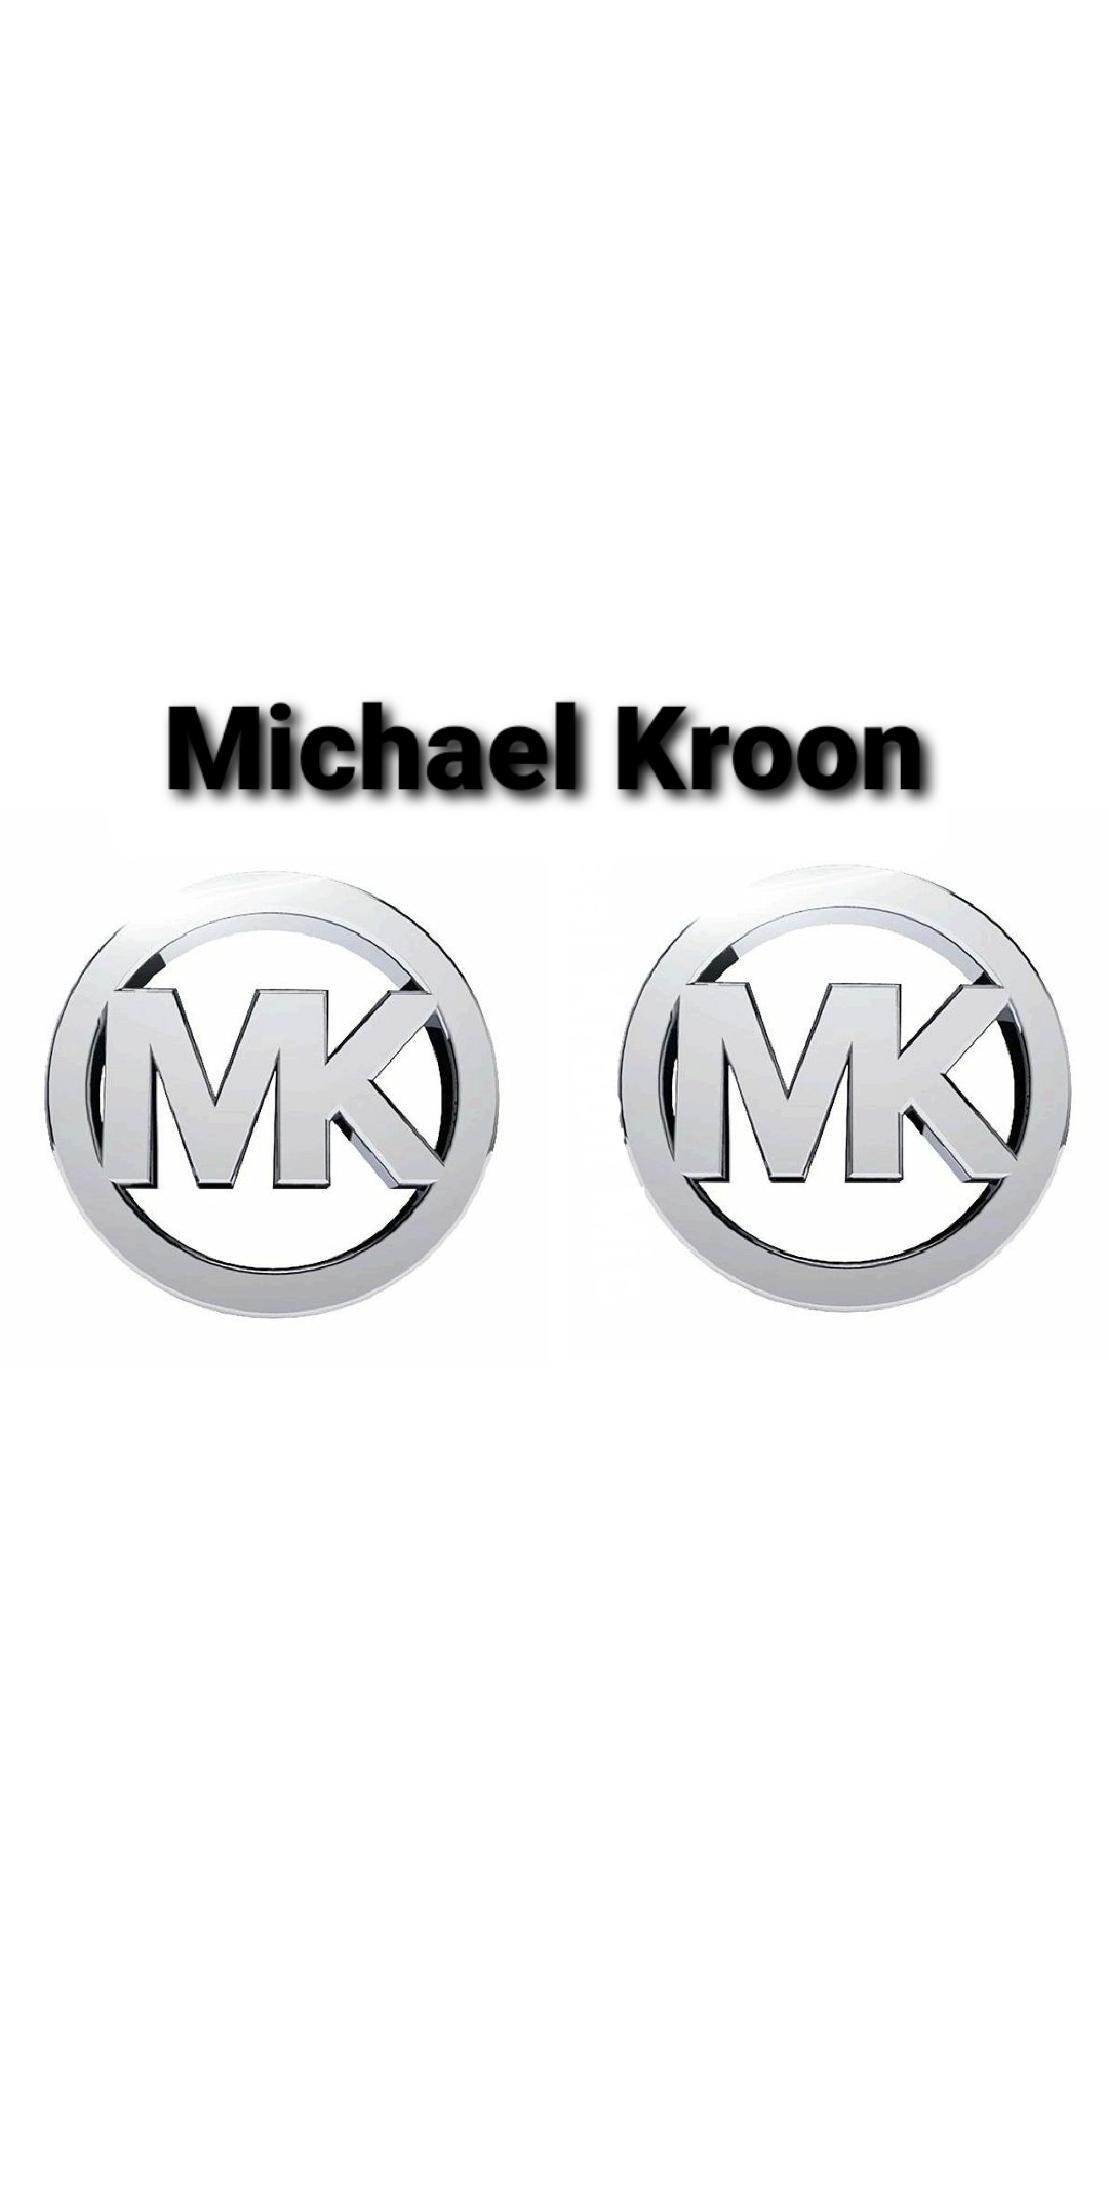 Michael Kroon